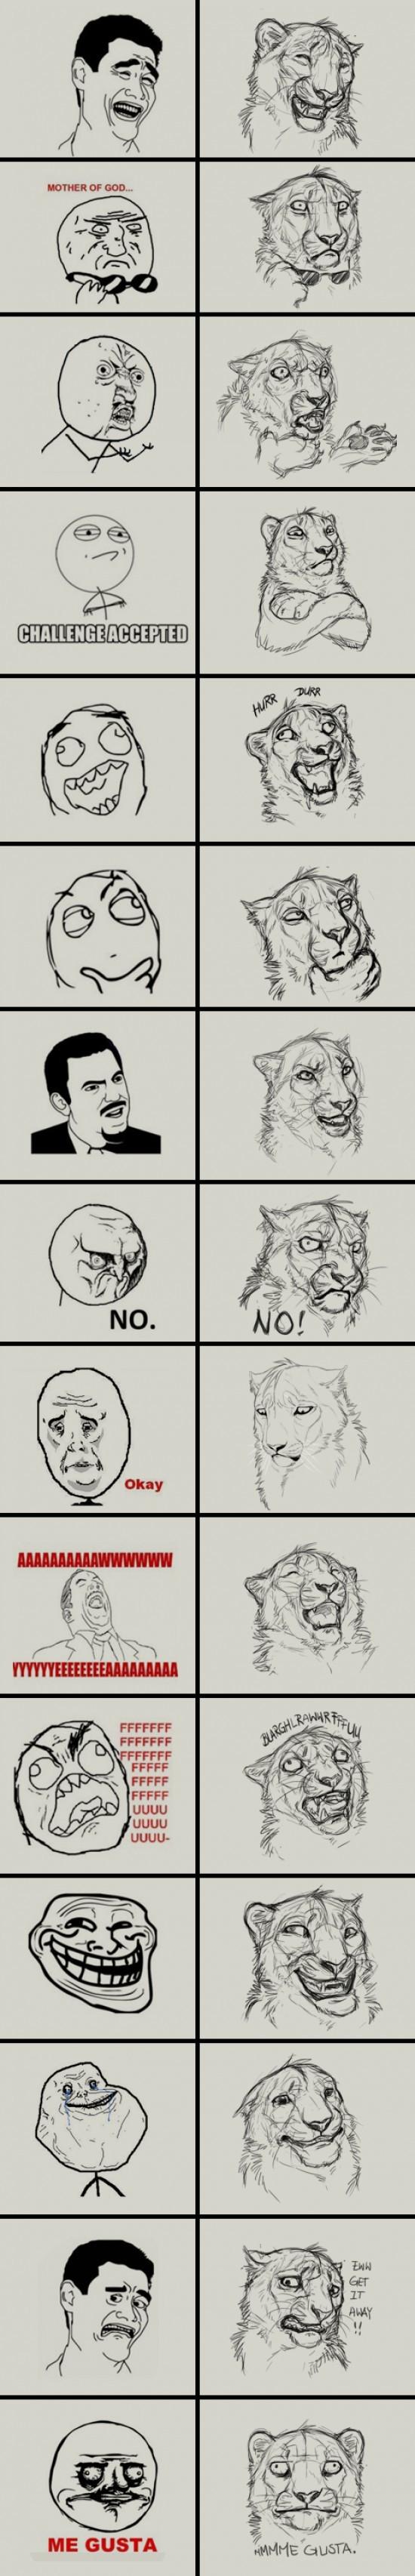 Otros - ¡Memes dibujados como leones!